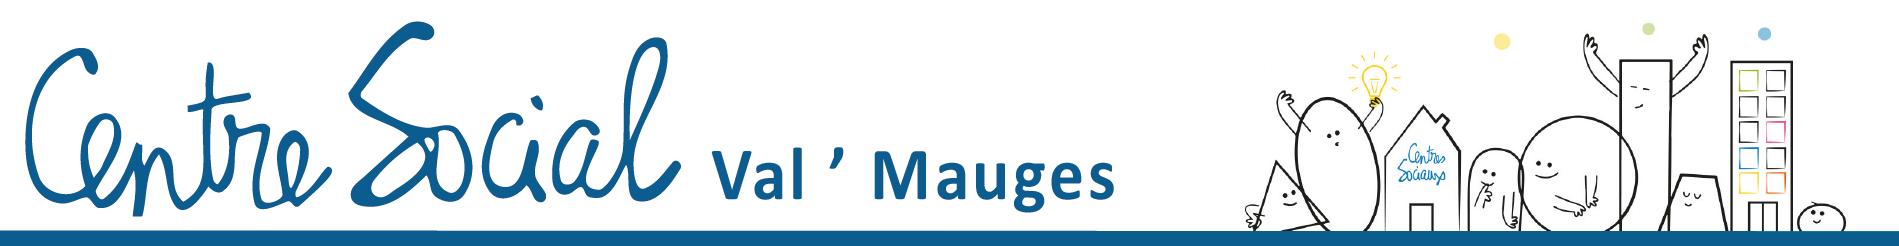 Centre social Val'Mauges